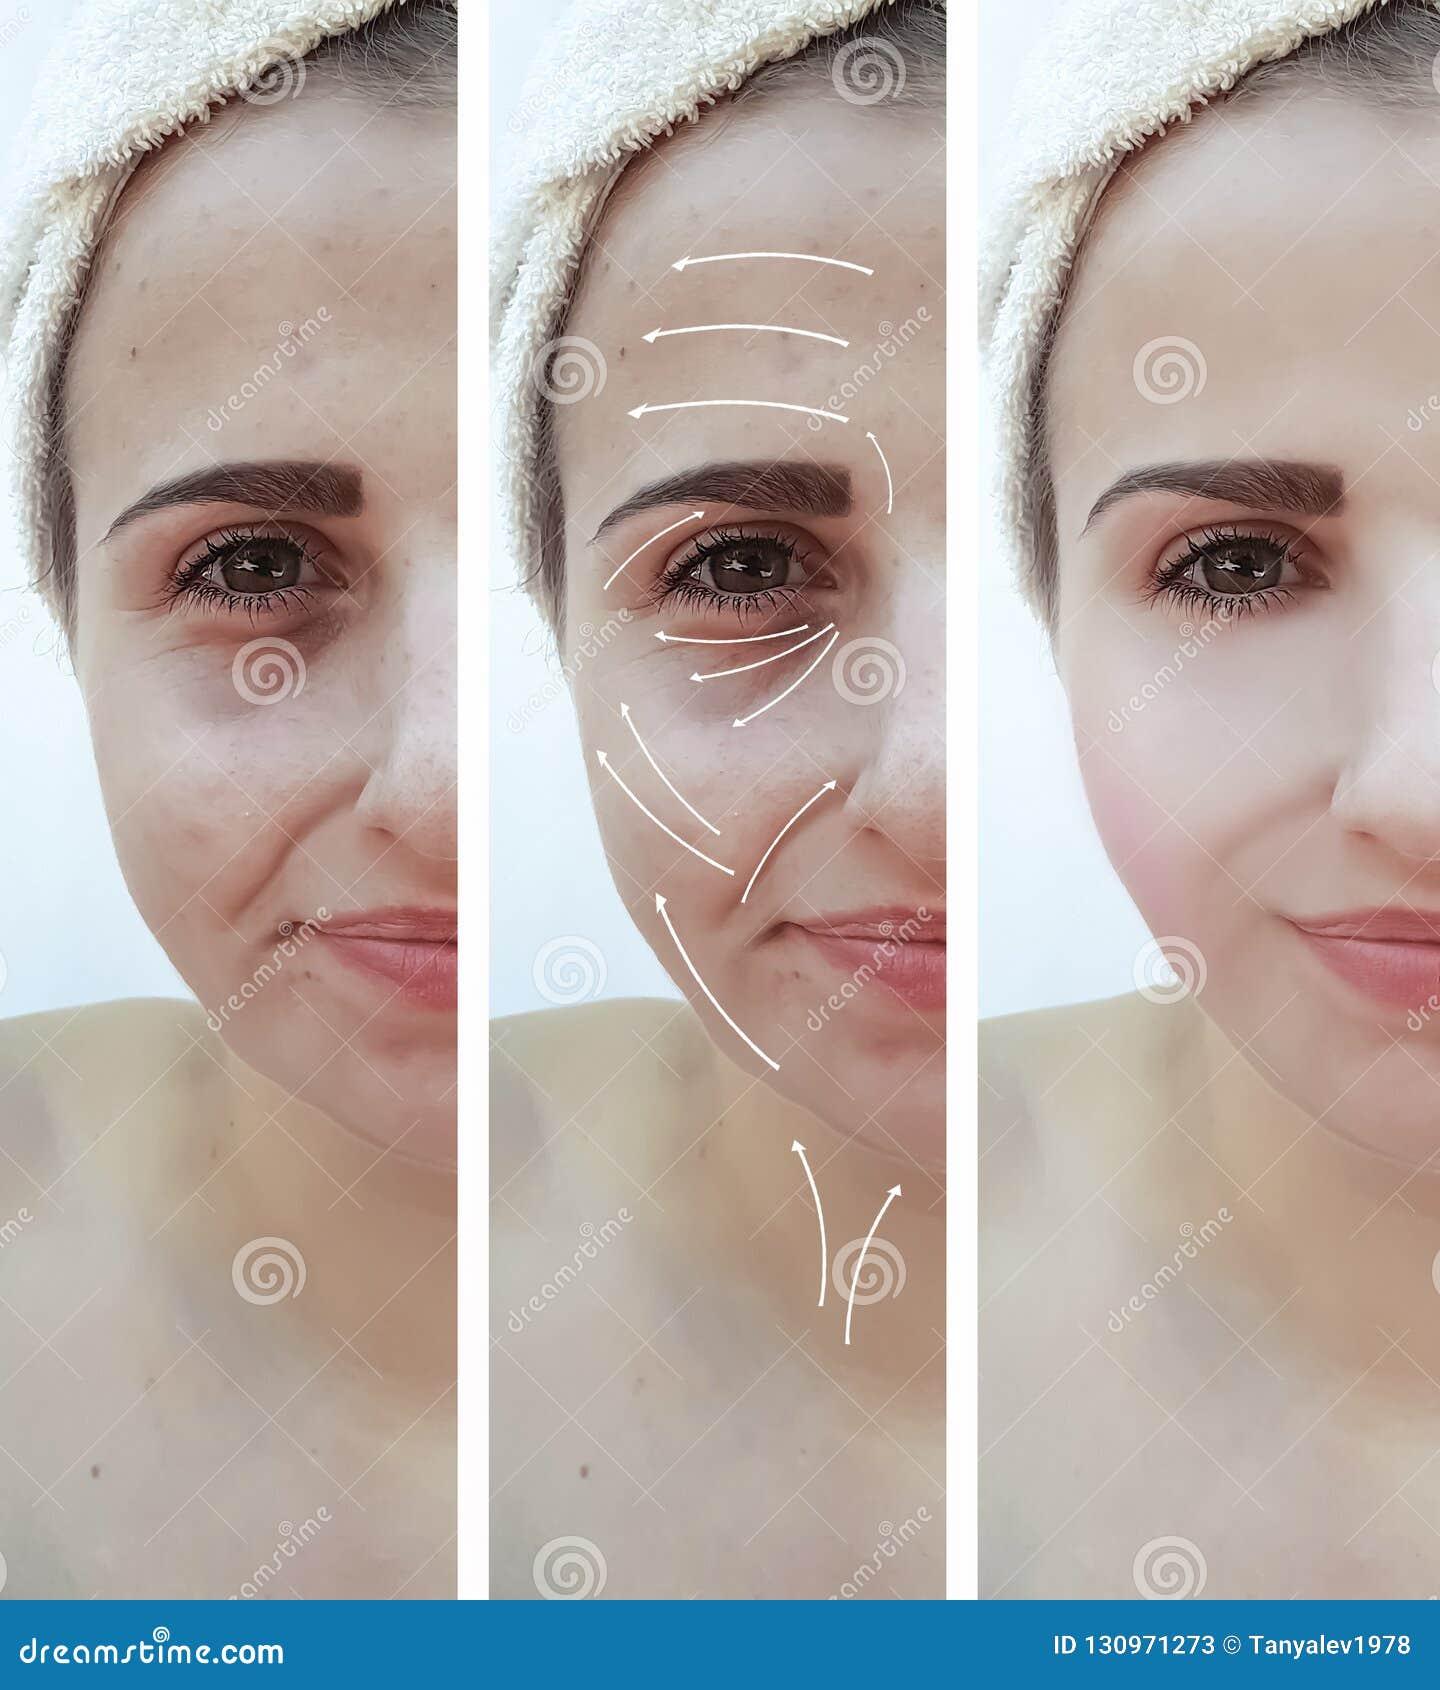 85fdbed32758 Frau Knittert Geschwollenes Effekt Cosmetologybehandlung ...